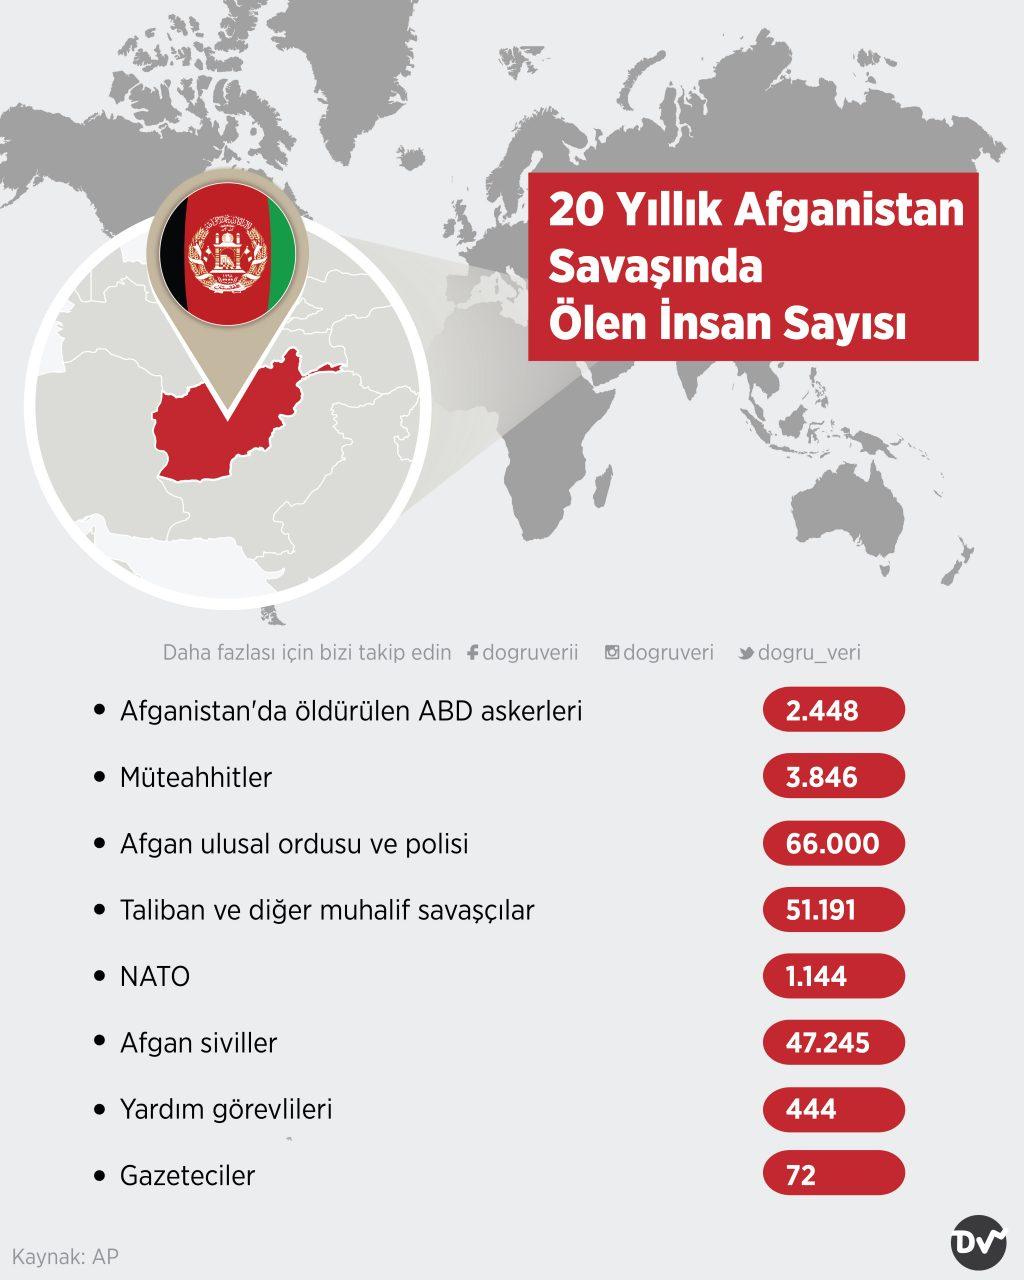 20 Yıllık Afganistan Savaşında Ölen İnsan Sayısı